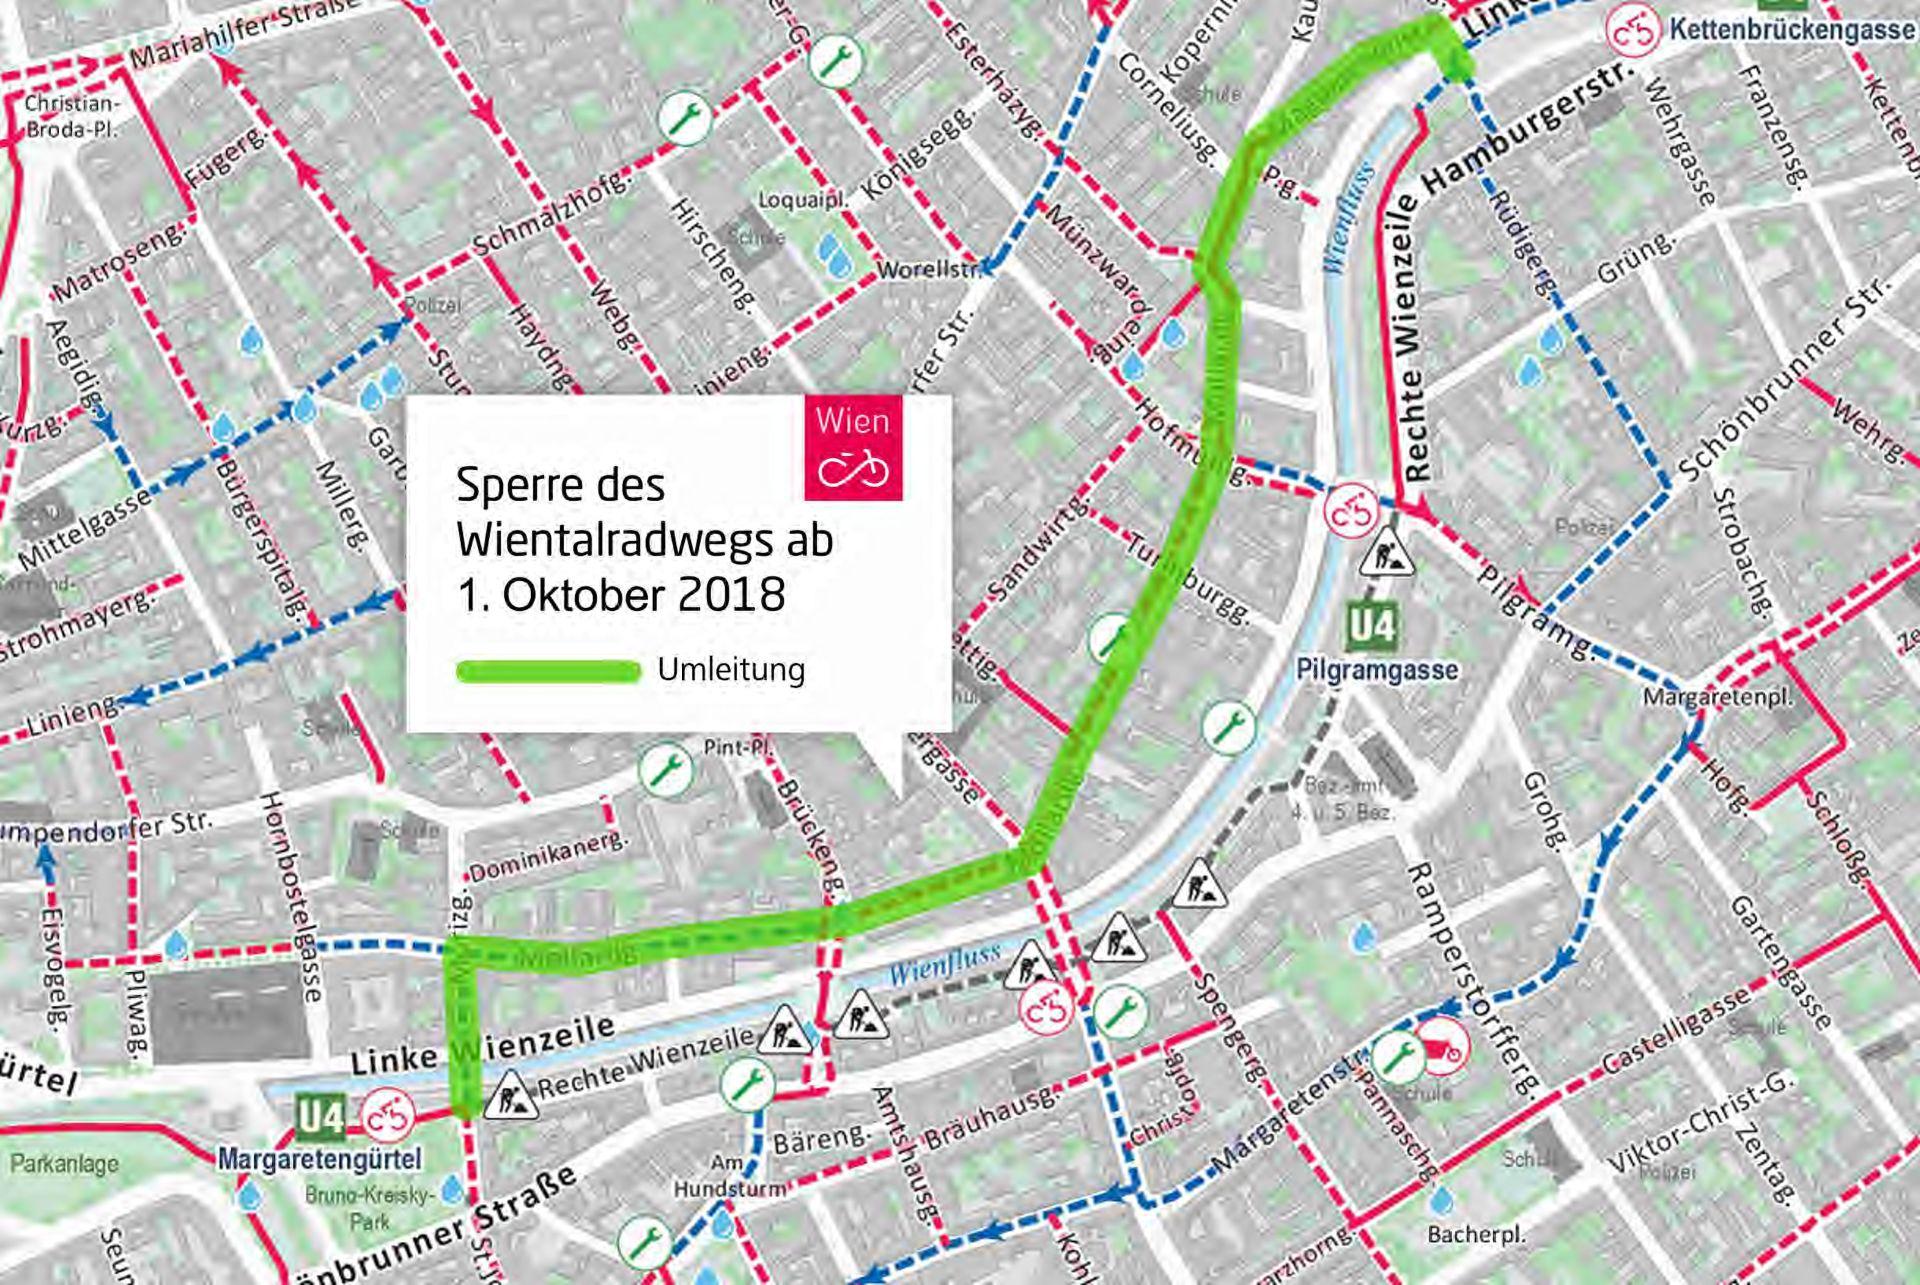 Plan zur Umleitung während der Baustellen Sperre am Wientalradweg